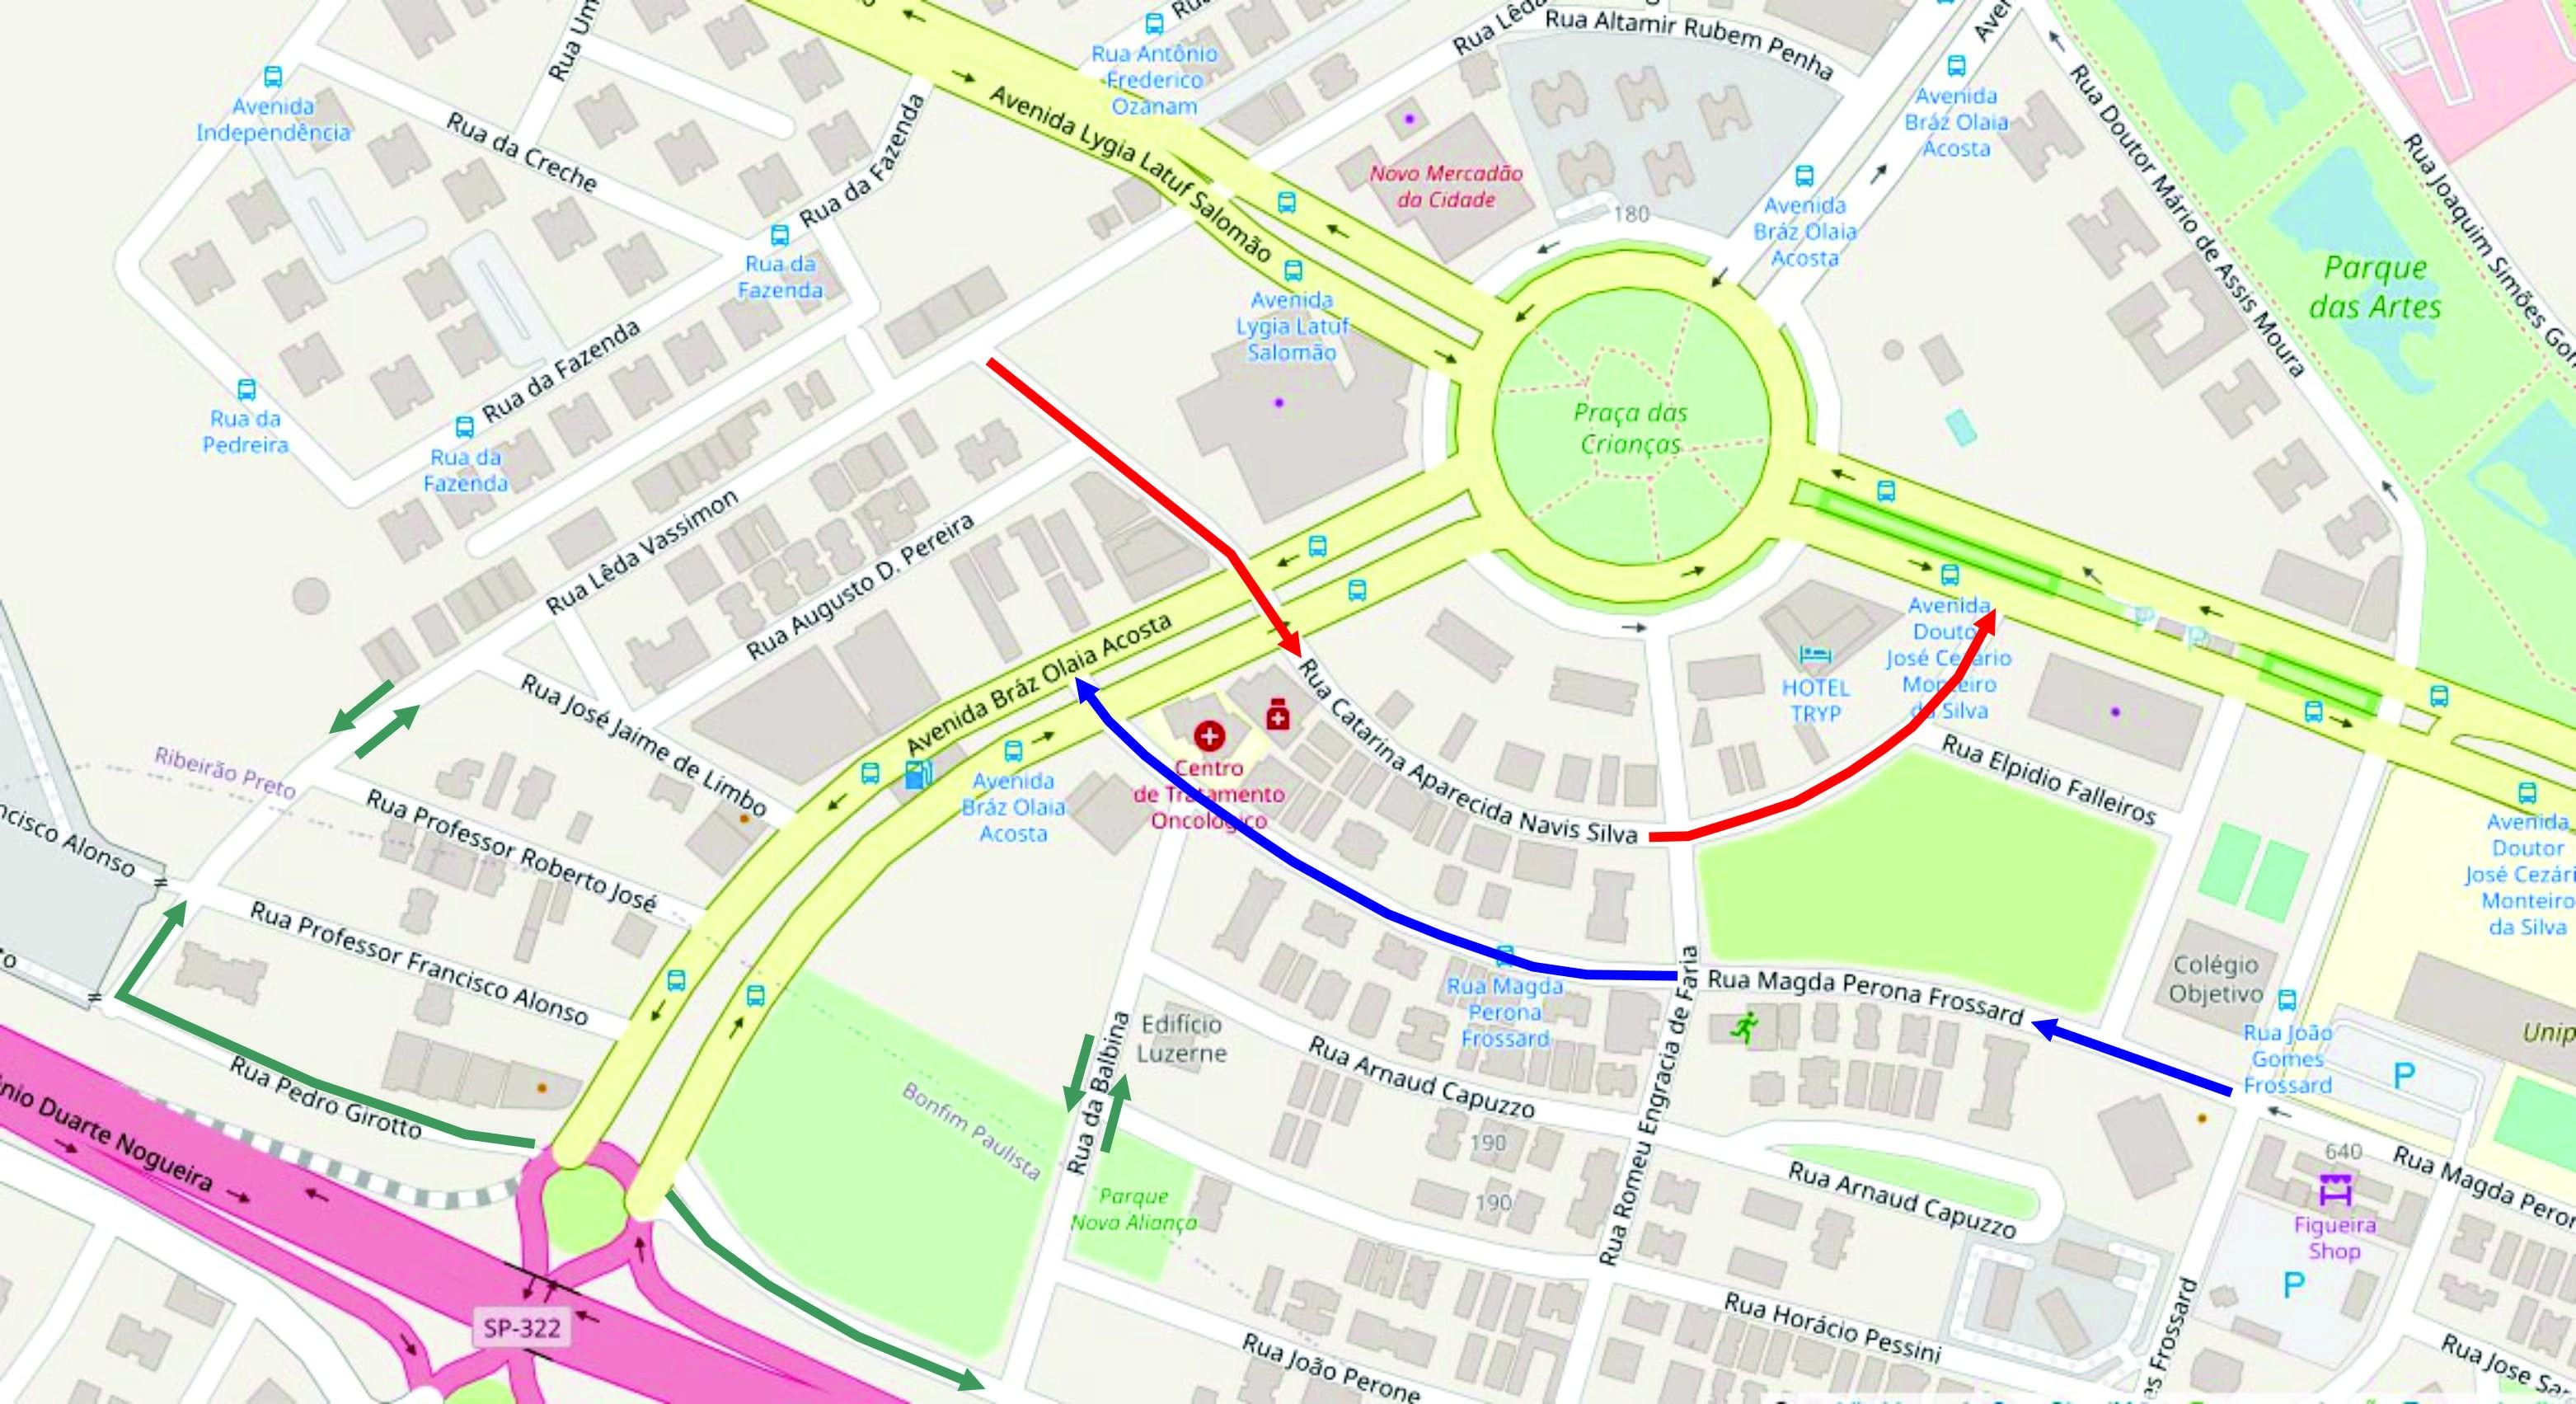 Transerp altera sentido de ruas do Jardim Nova Aliança em Ribeirão Preto, SP; veja o mapa